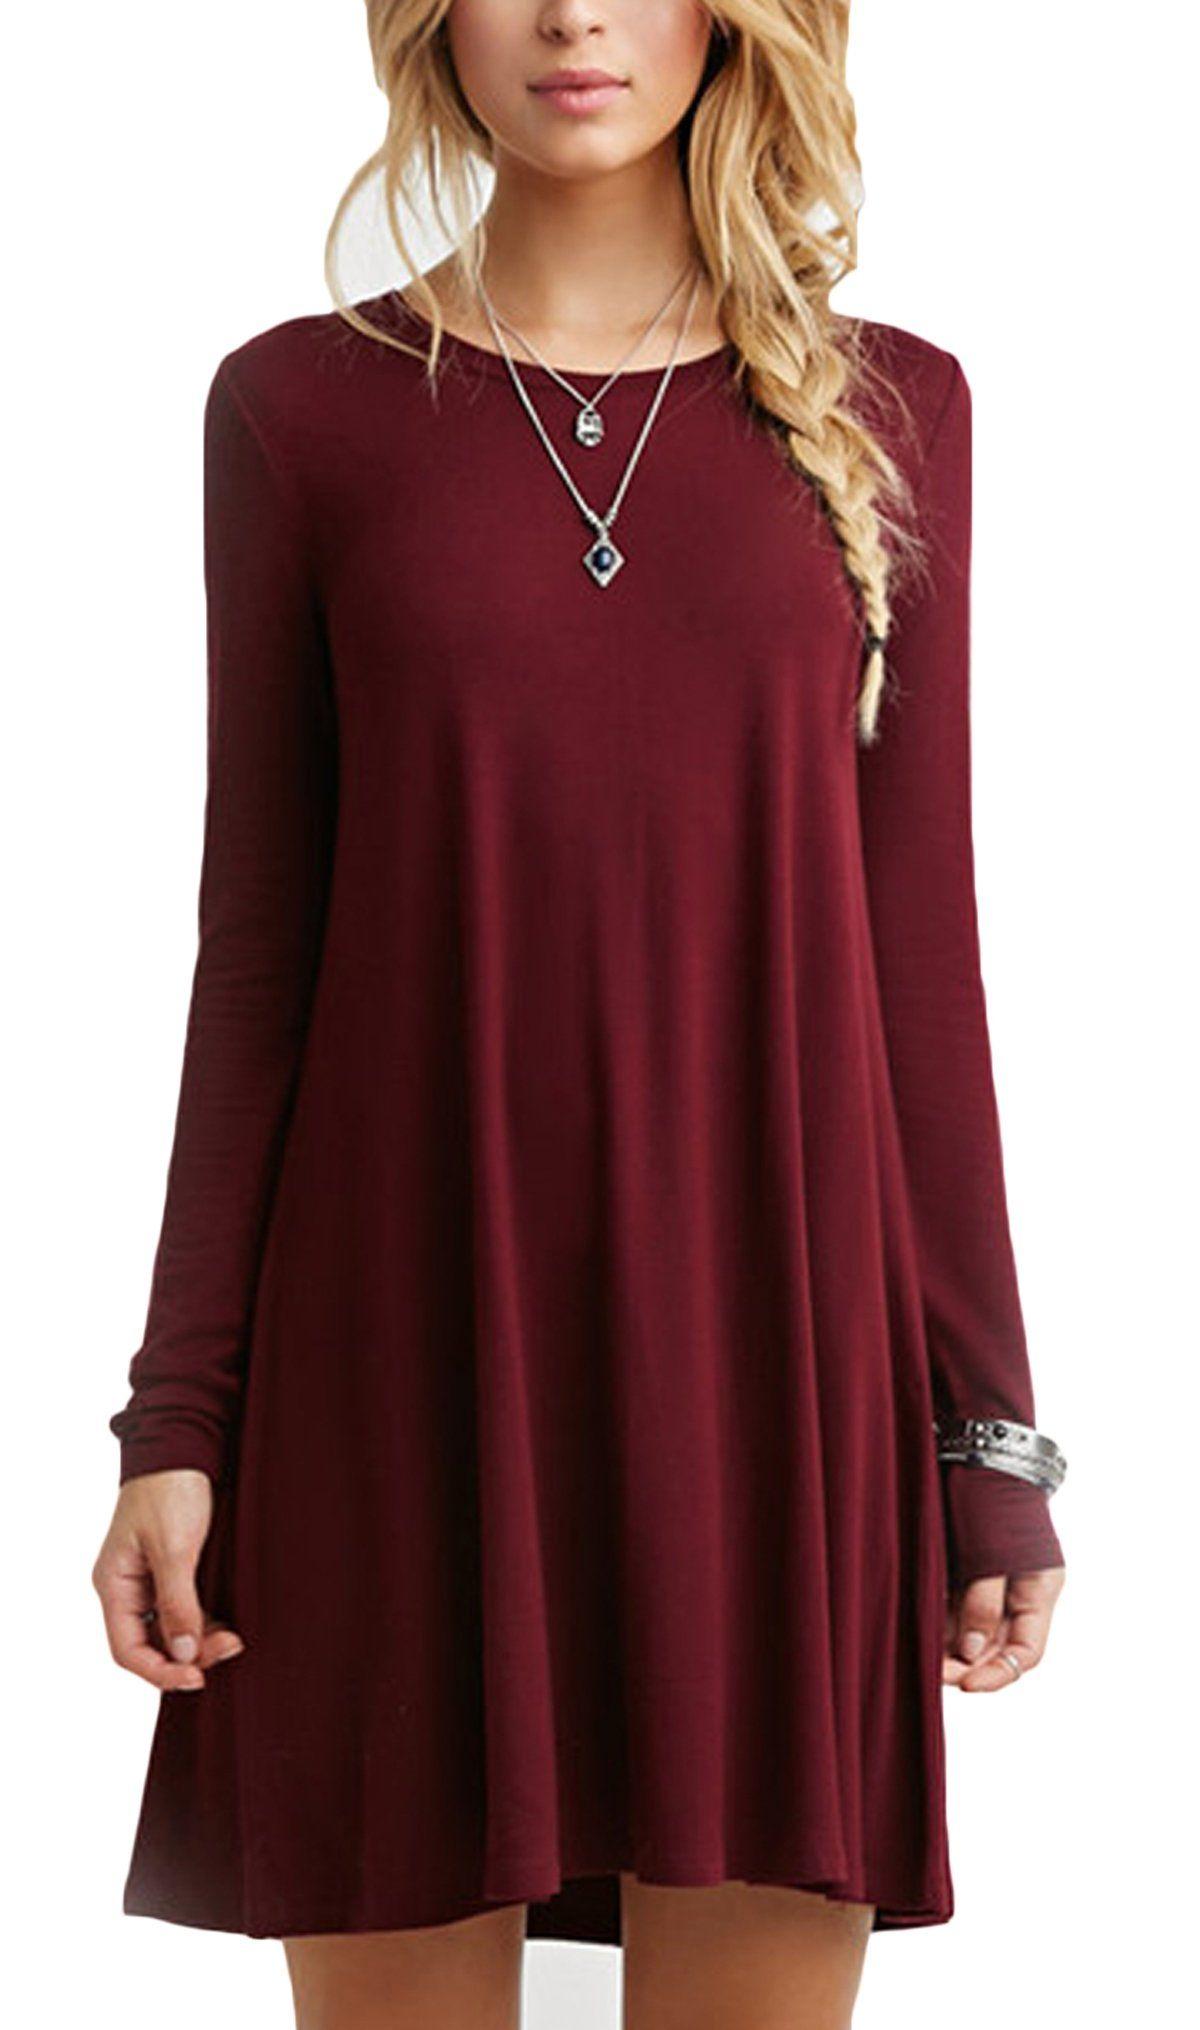 Rojo quemado vestidos pinterest color red wine and clothes